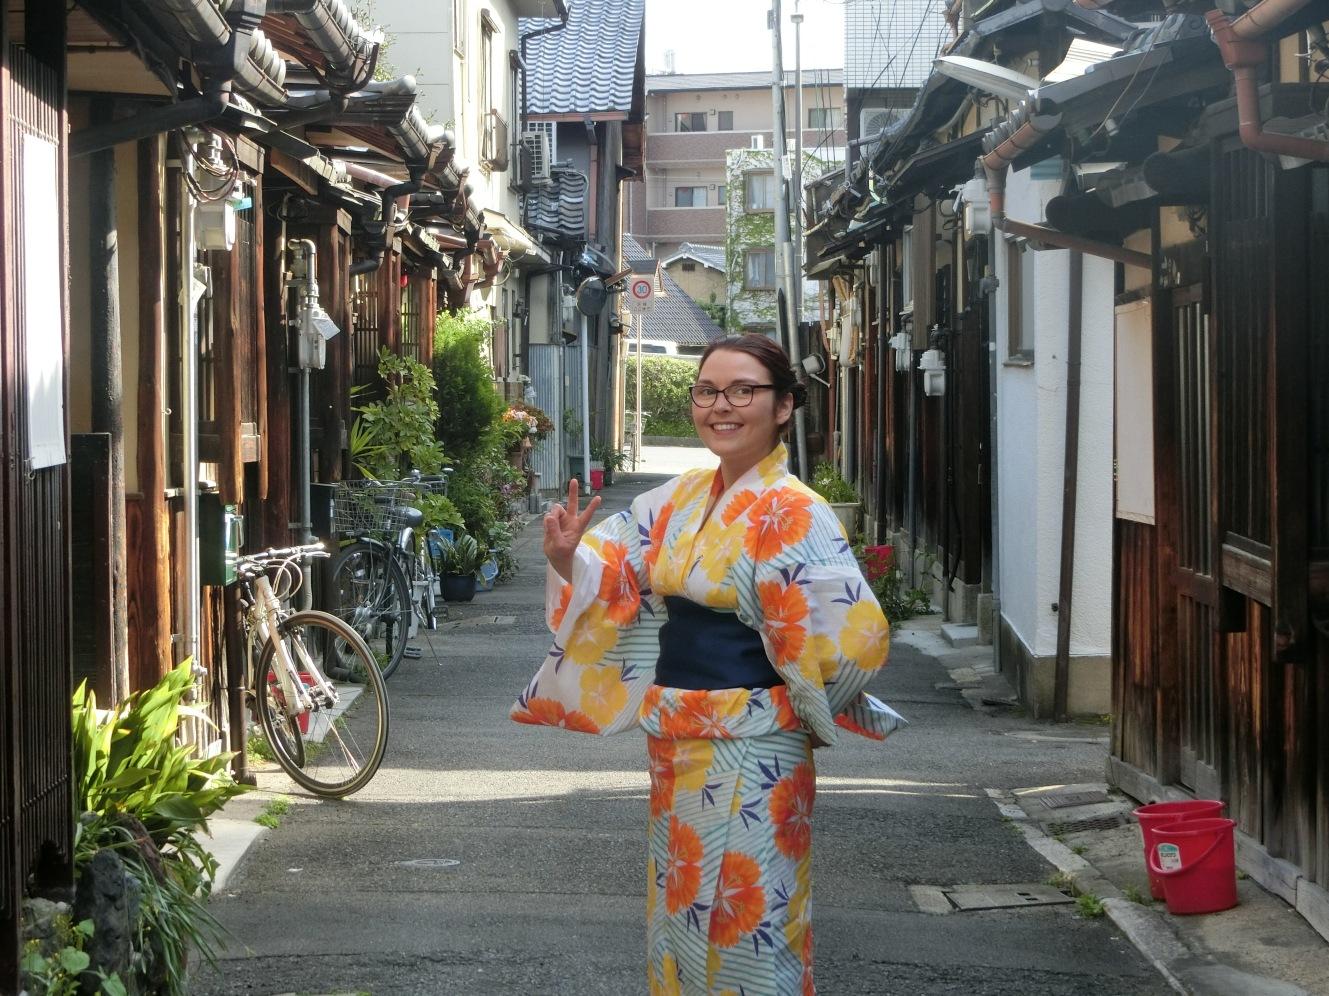 avril japon pvt whv kyoto yukata expatriation